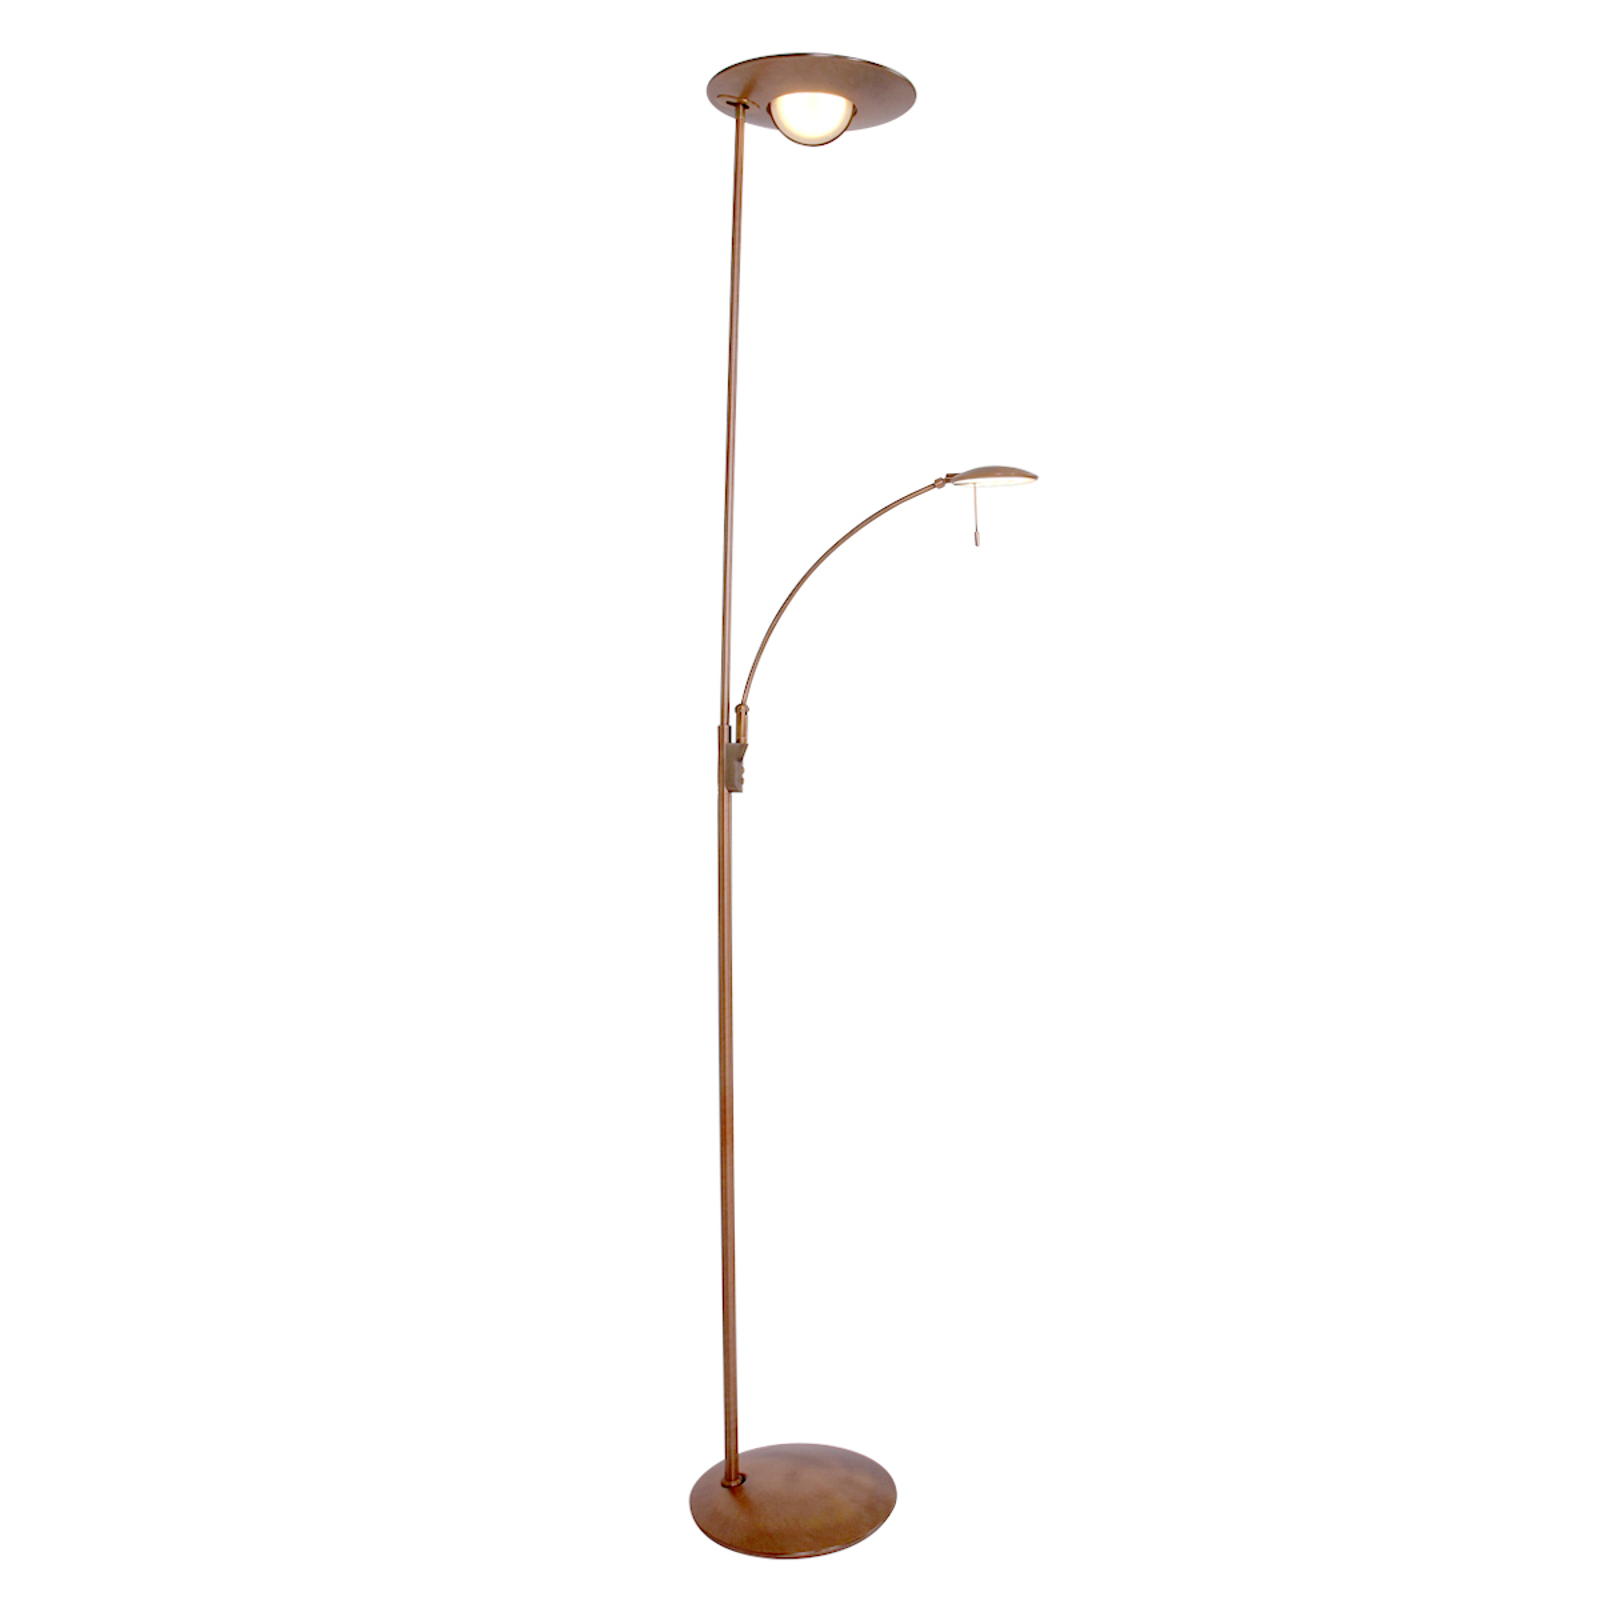 Bronskleurige LED vloerlamp Zenith, dimmer